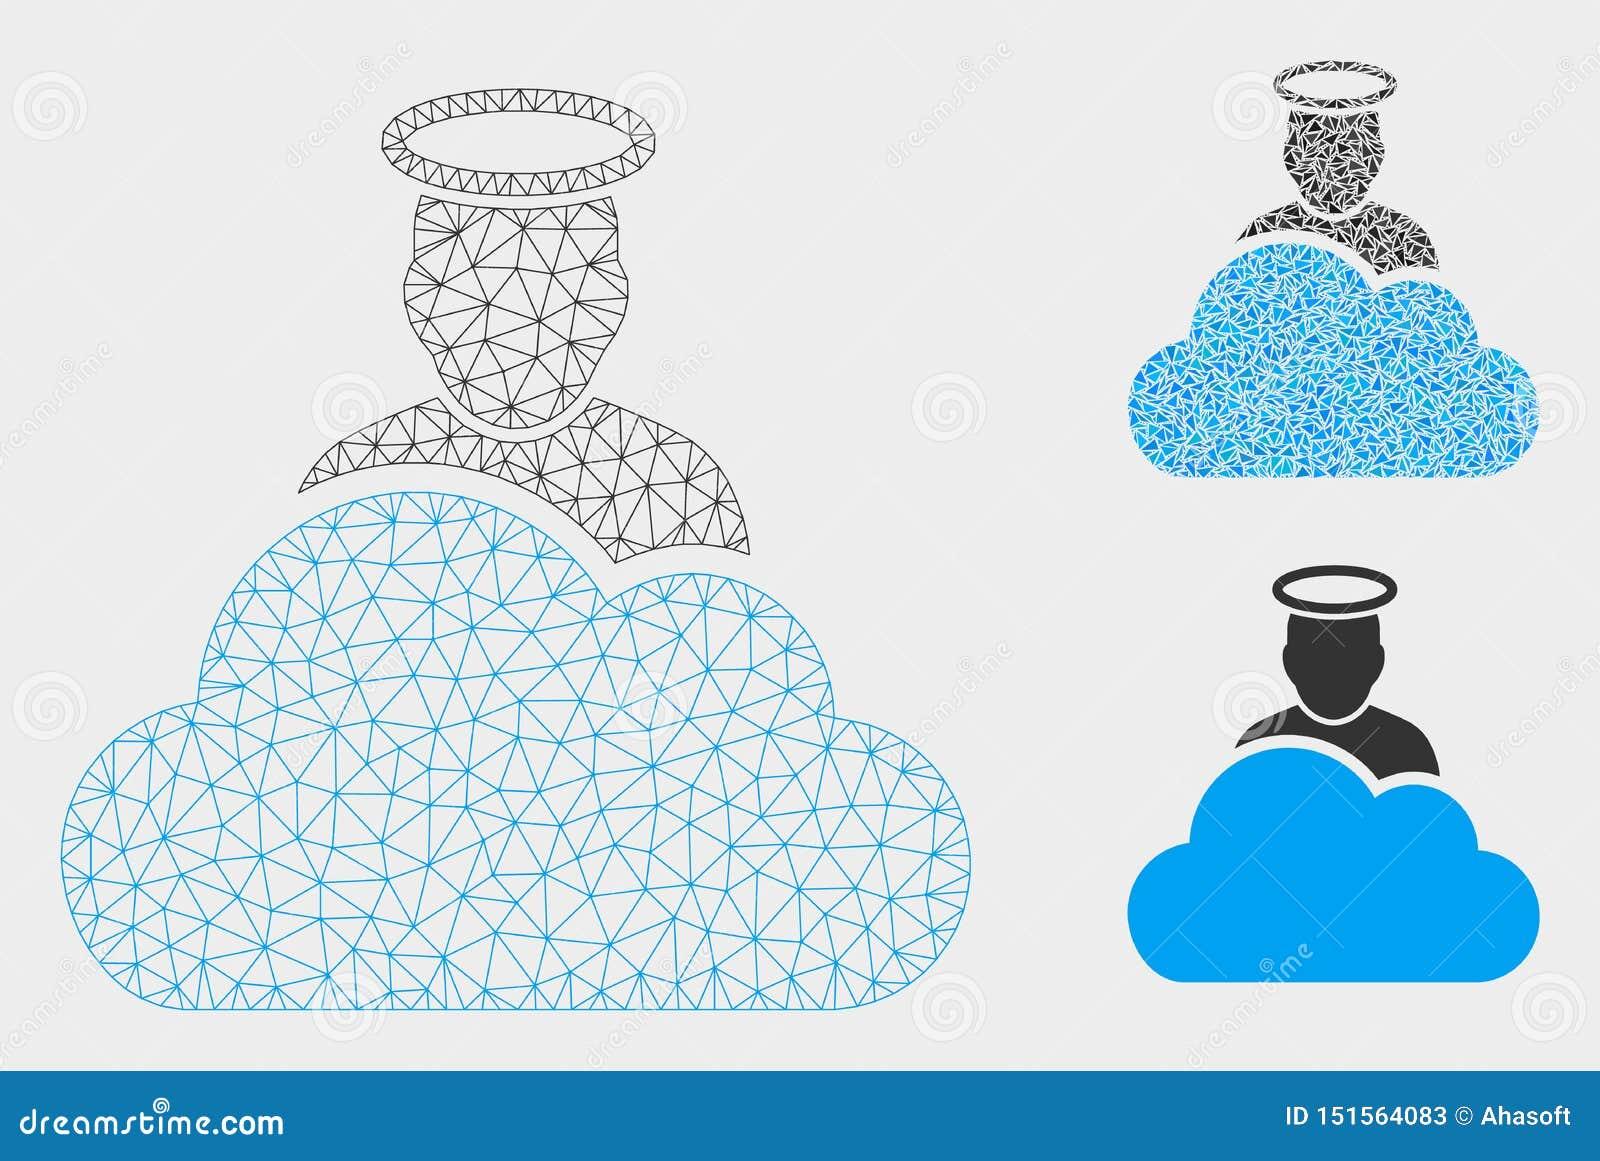 Het Vector het Netwerk 2D Model van de wolkengod en Pictogram van het Driehoeksmozaïek